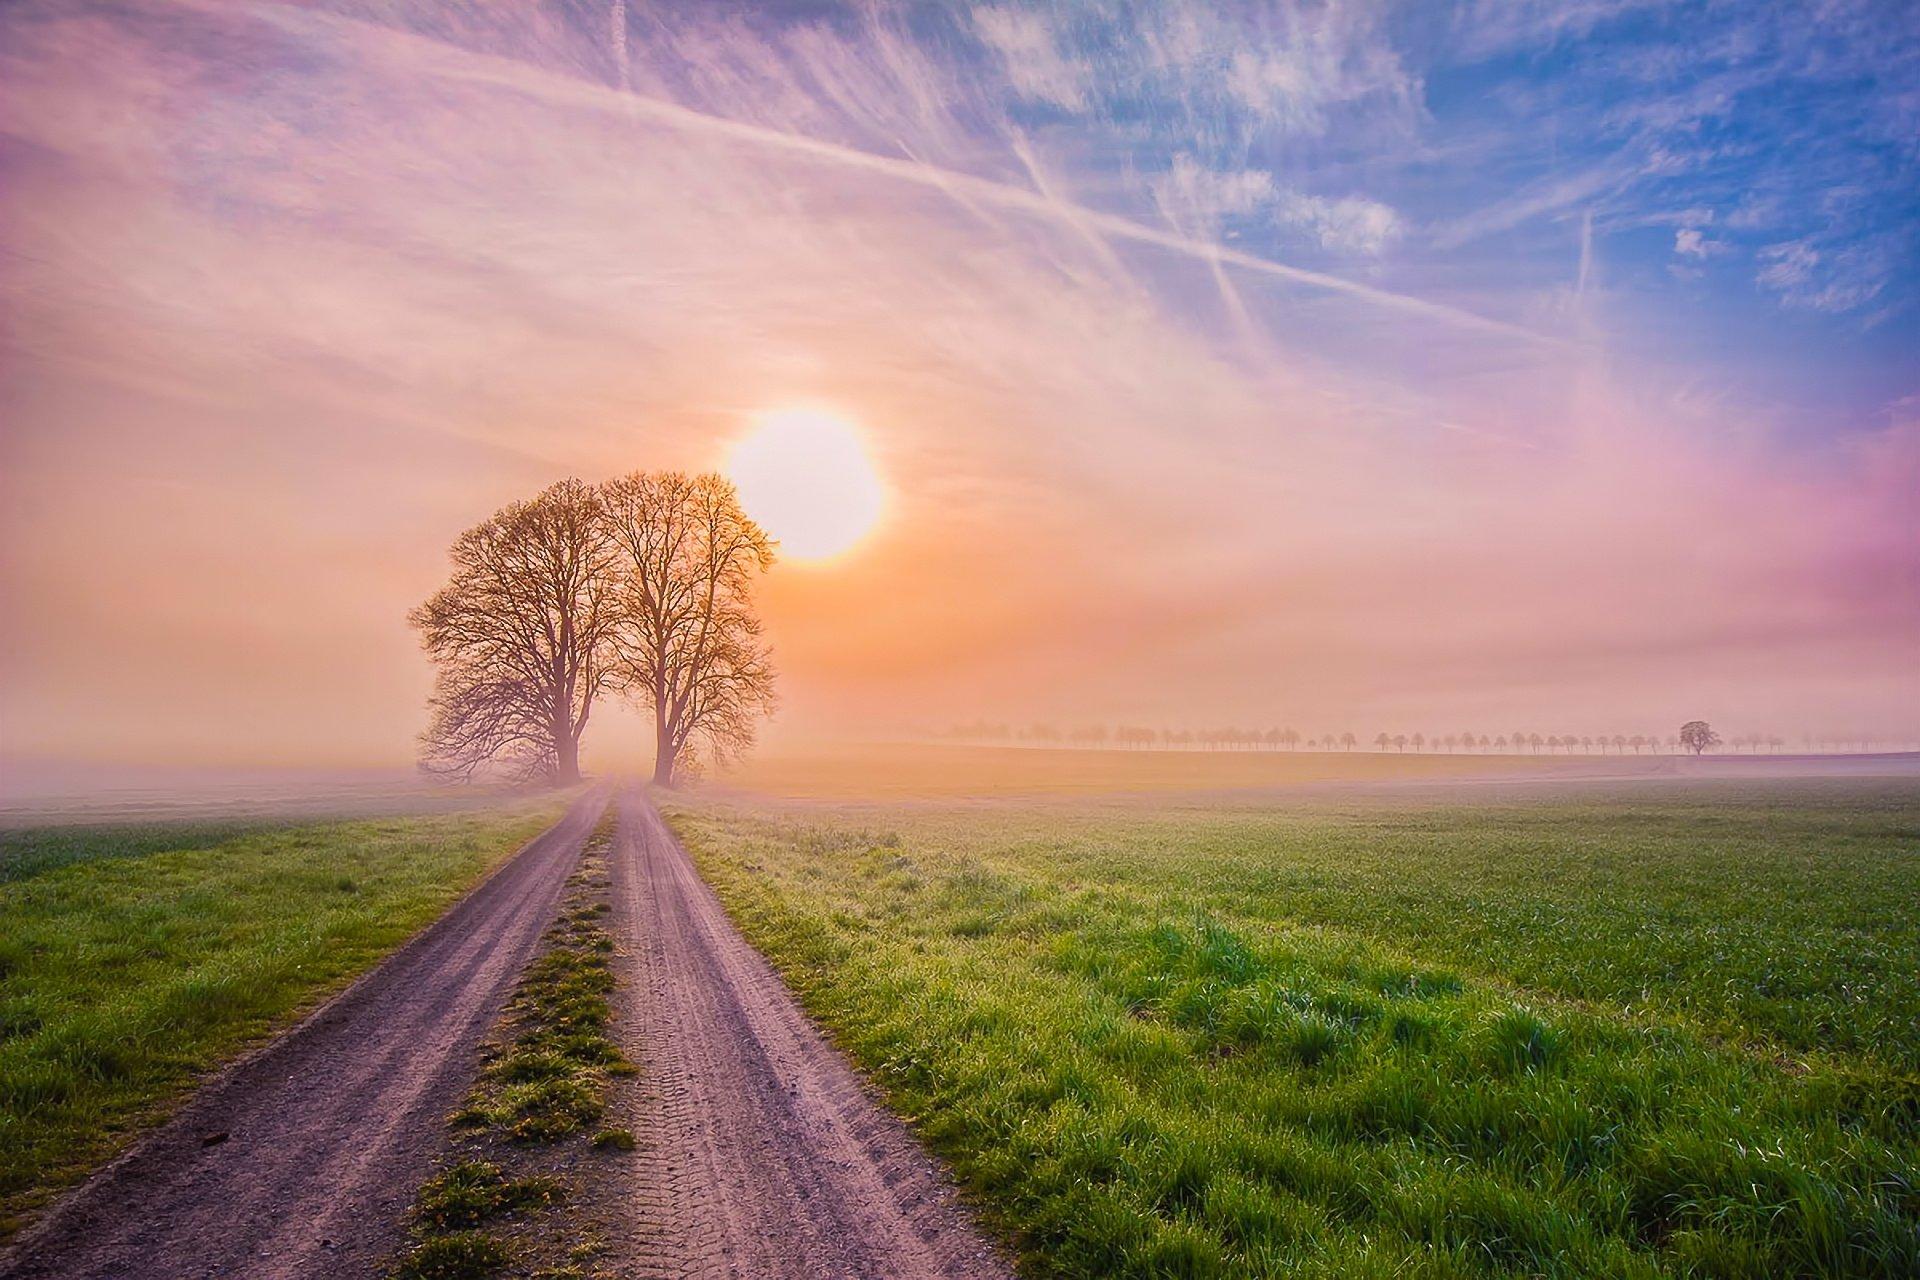 дорога, солнце, трава, деревья  № 3117701 загрузить